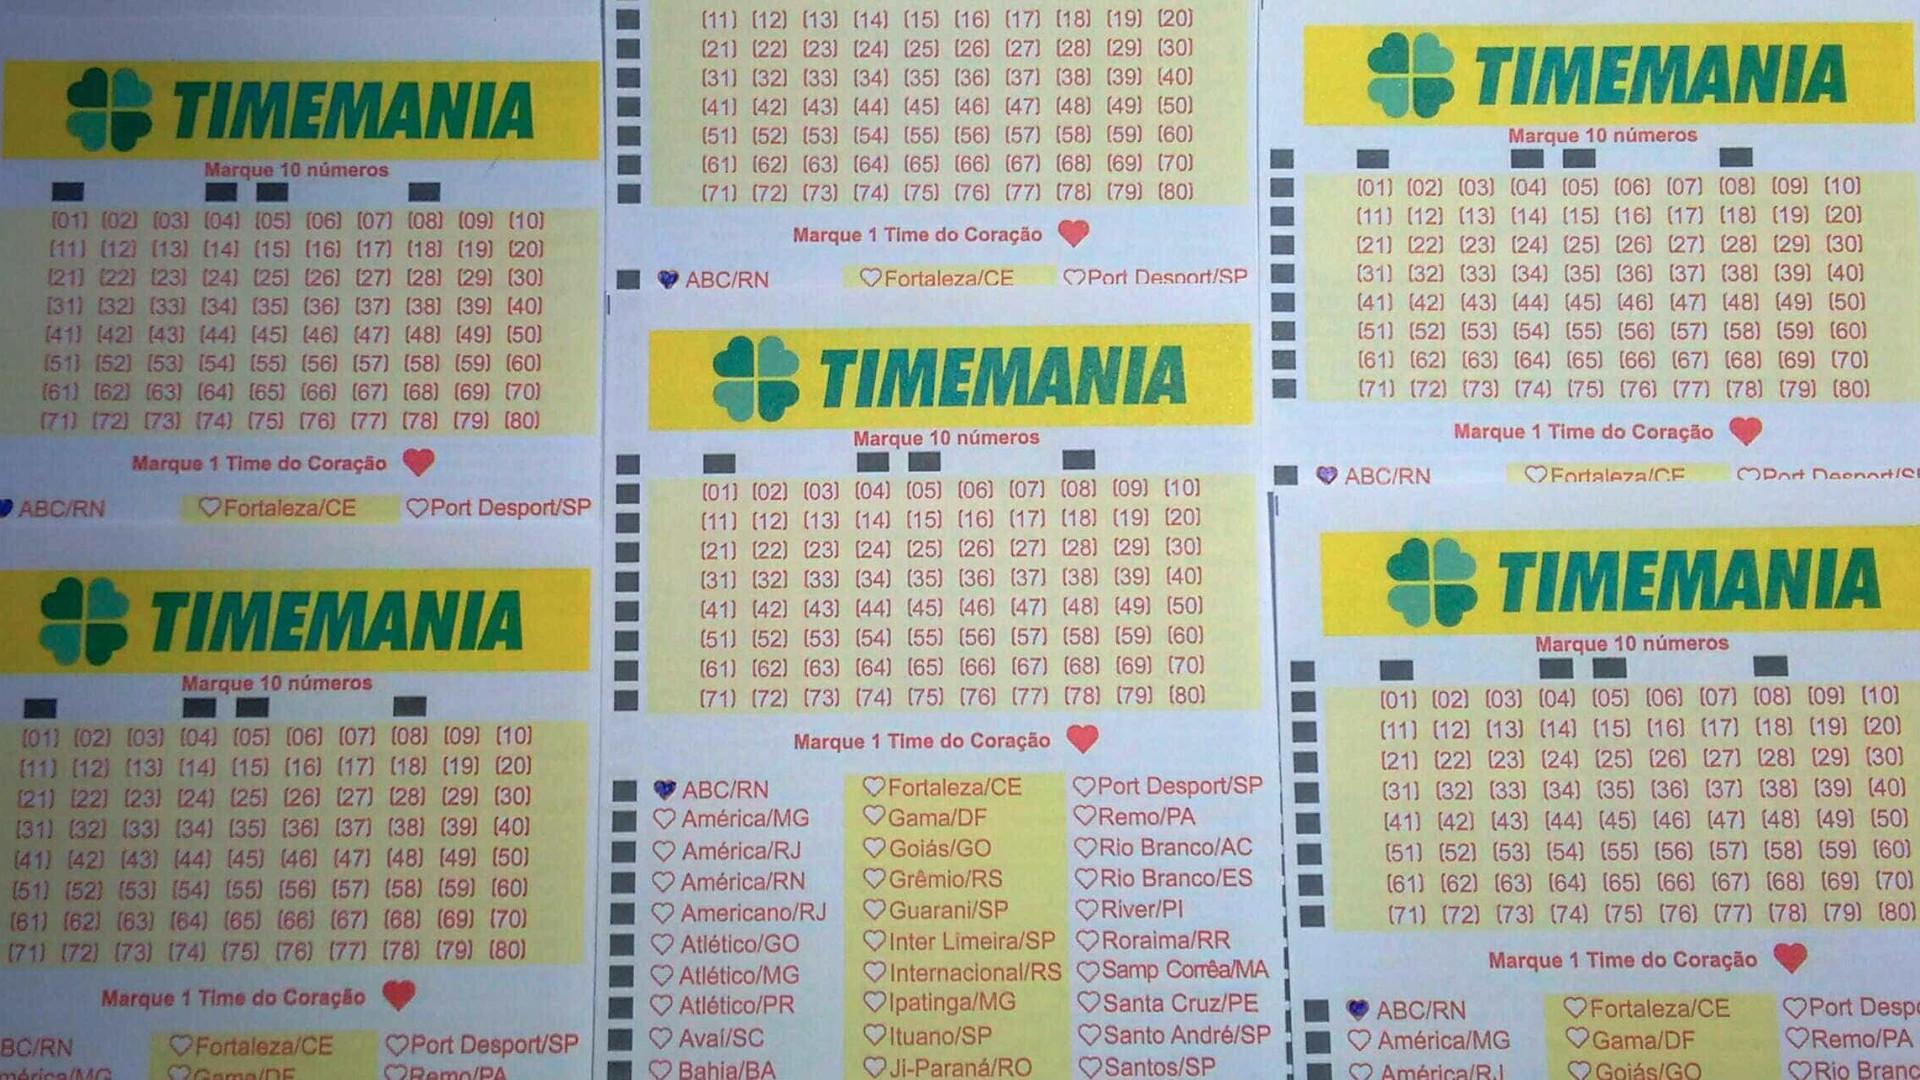 Timemania acumula e próximo prêmio chegará a R$ 21 milhões